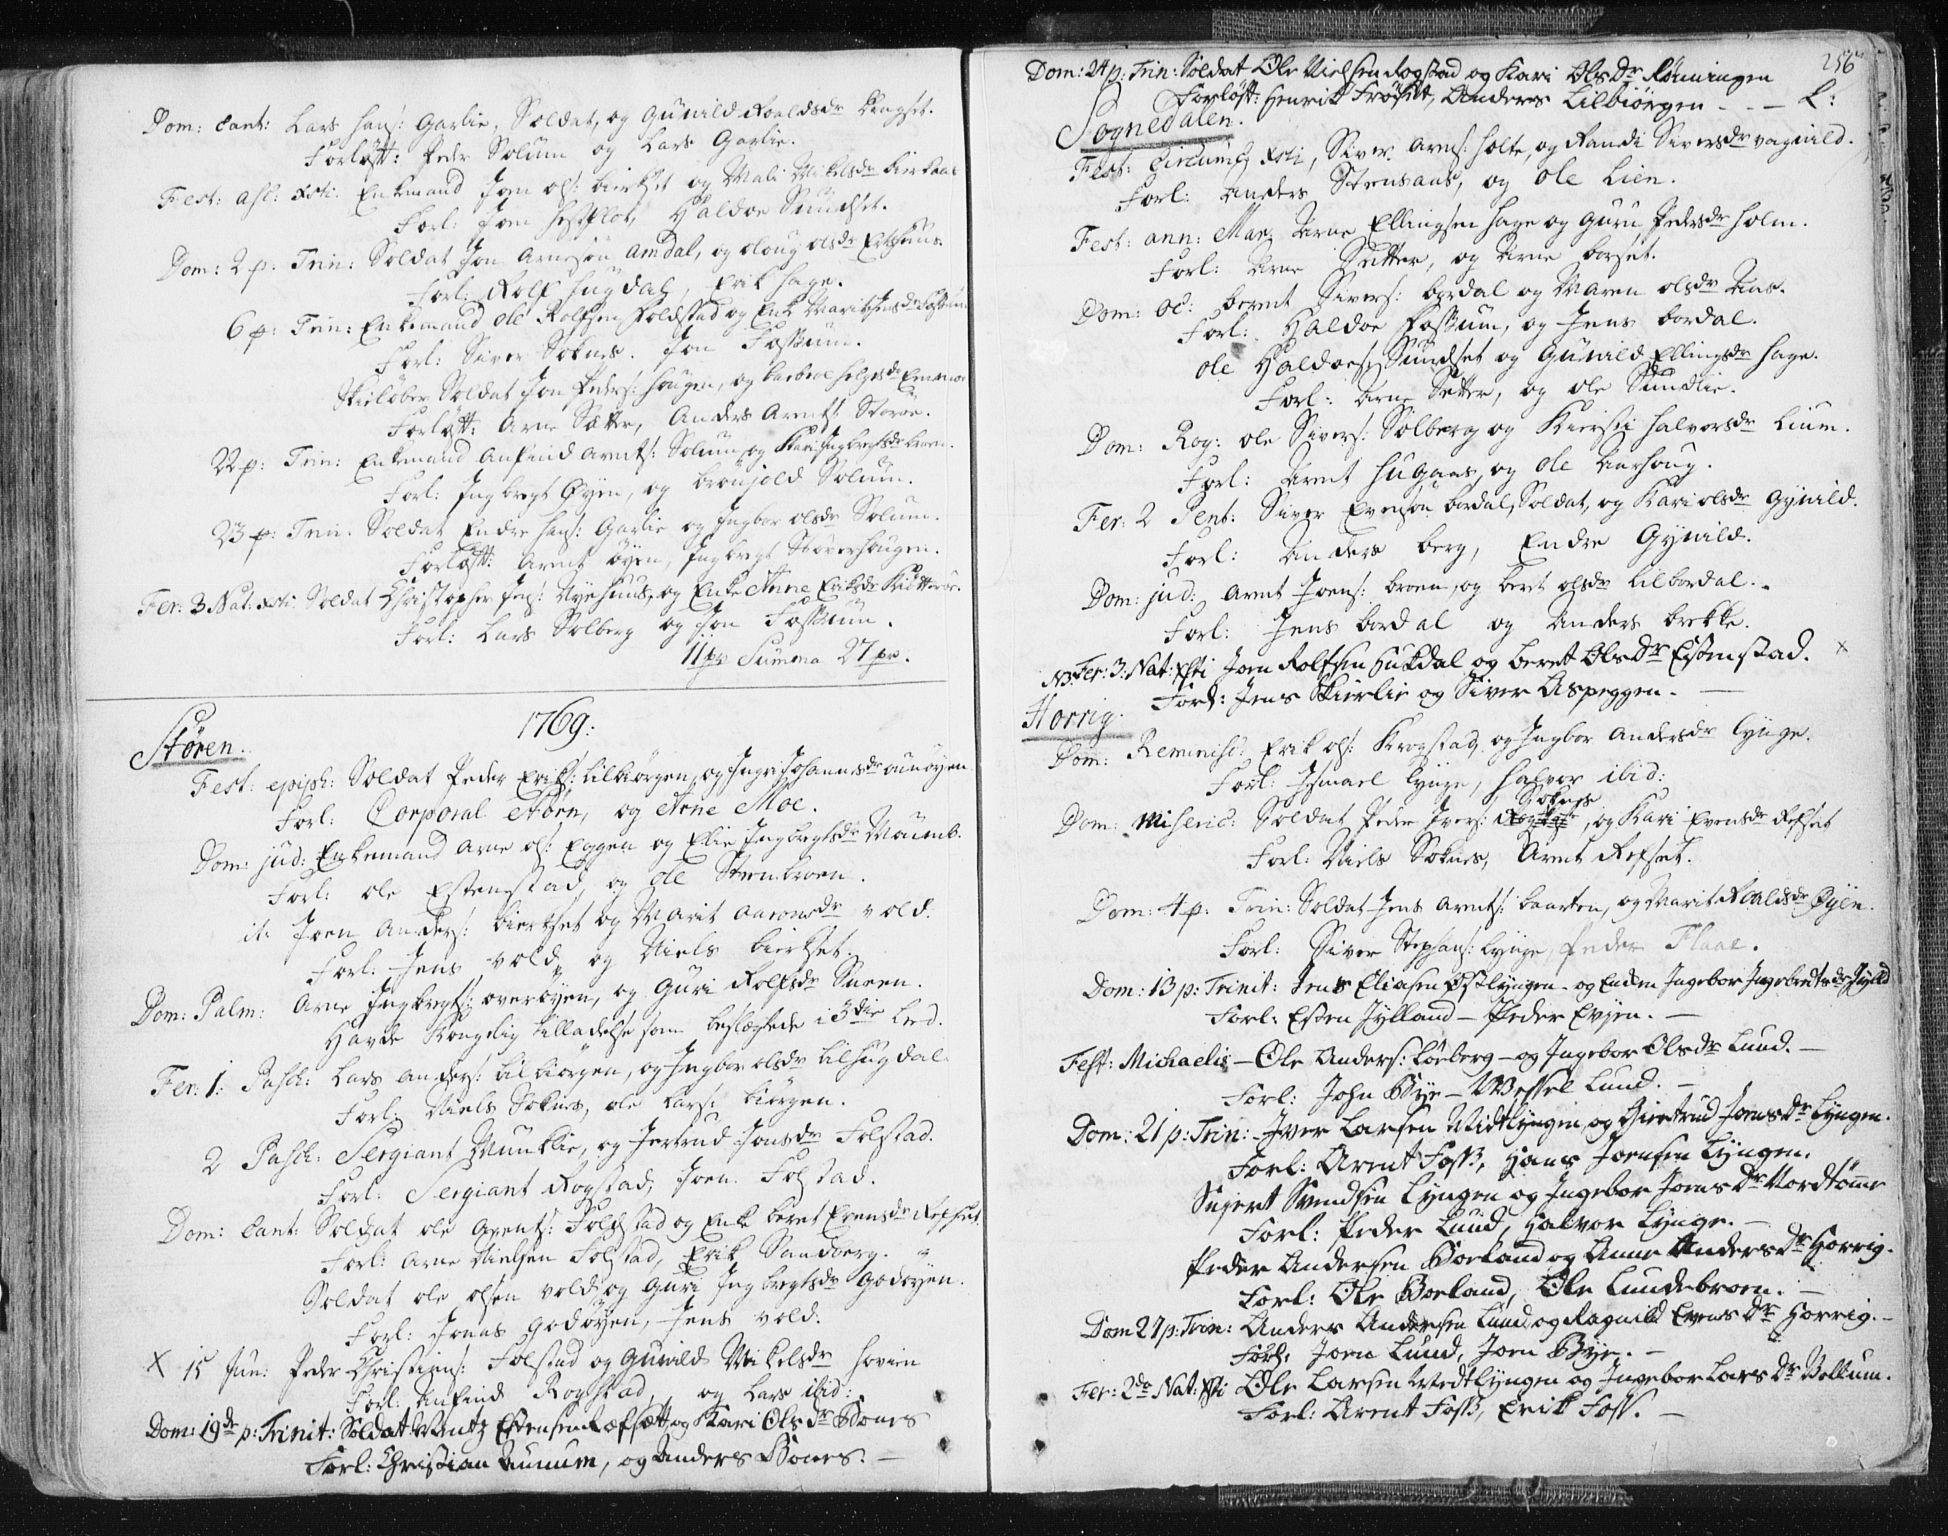 SAT, Ministerialprotokoller, klokkerbøker og fødselsregistre - Sør-Trøndelag, 687/L0991: Ministerialbok nr. 687A02, 1747-1790, s. 256